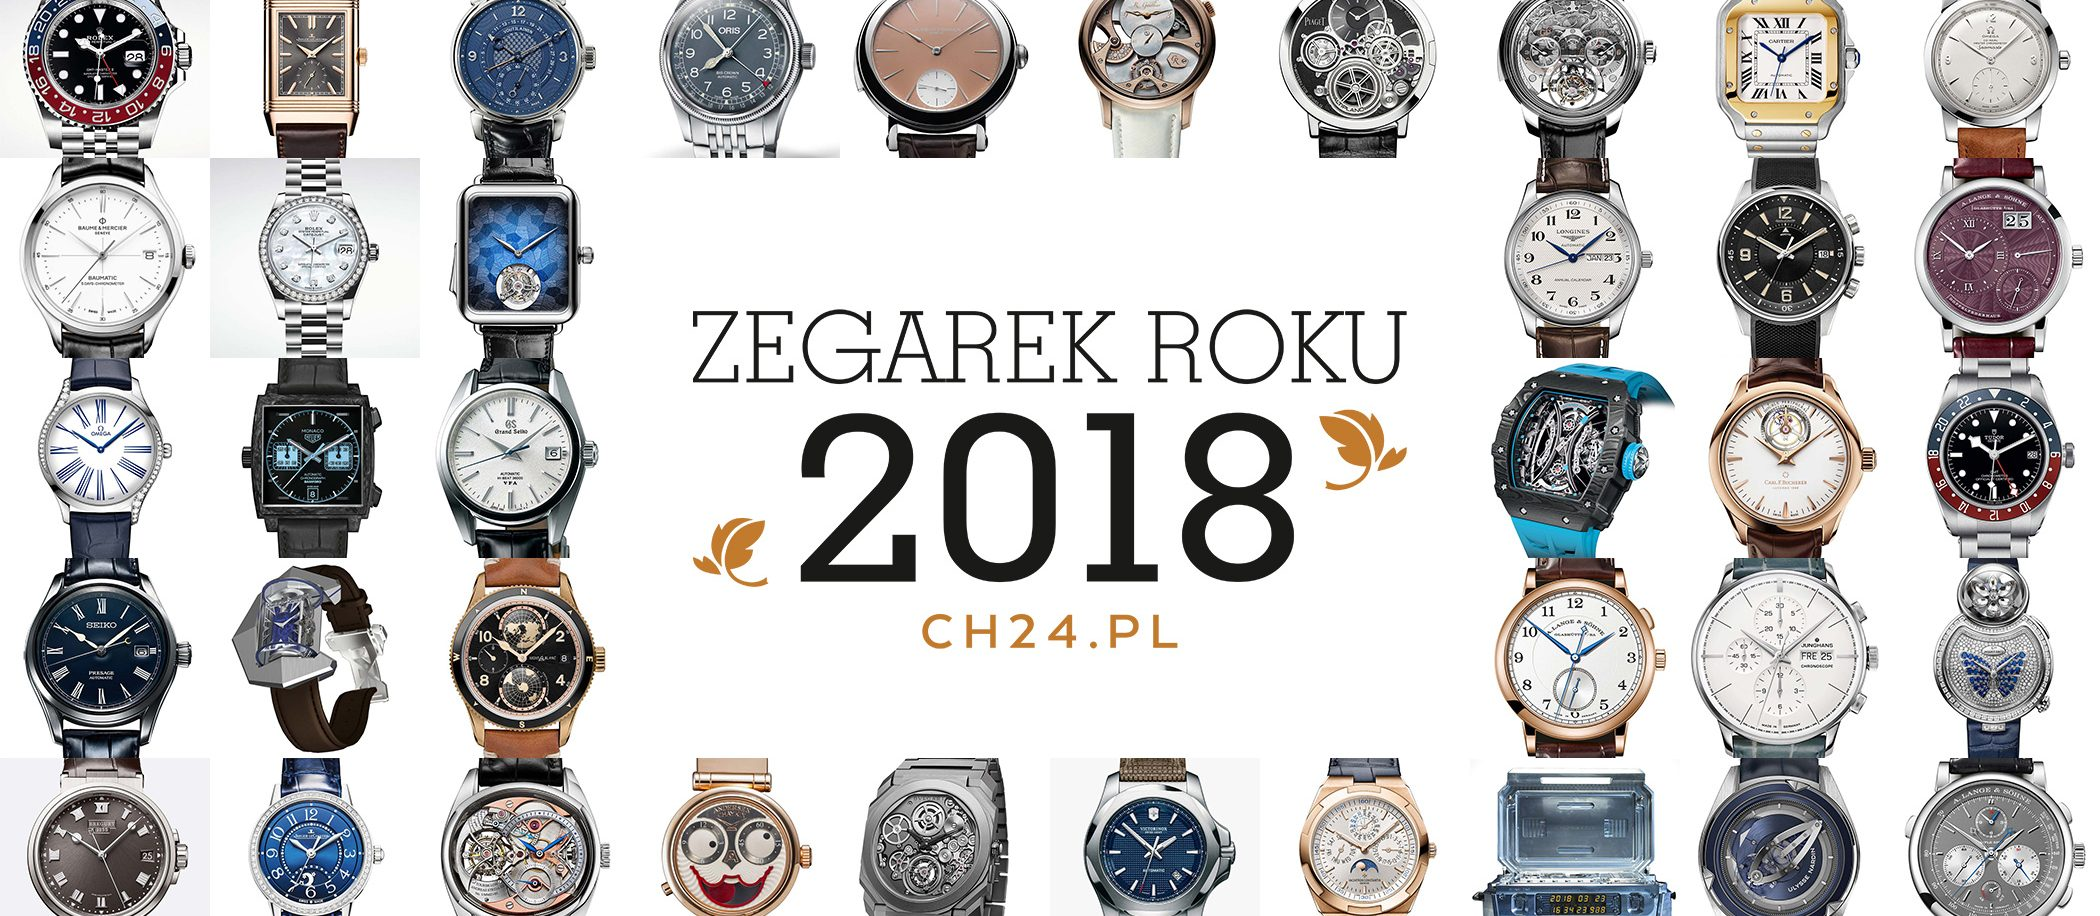 Zegarek Roku 2018